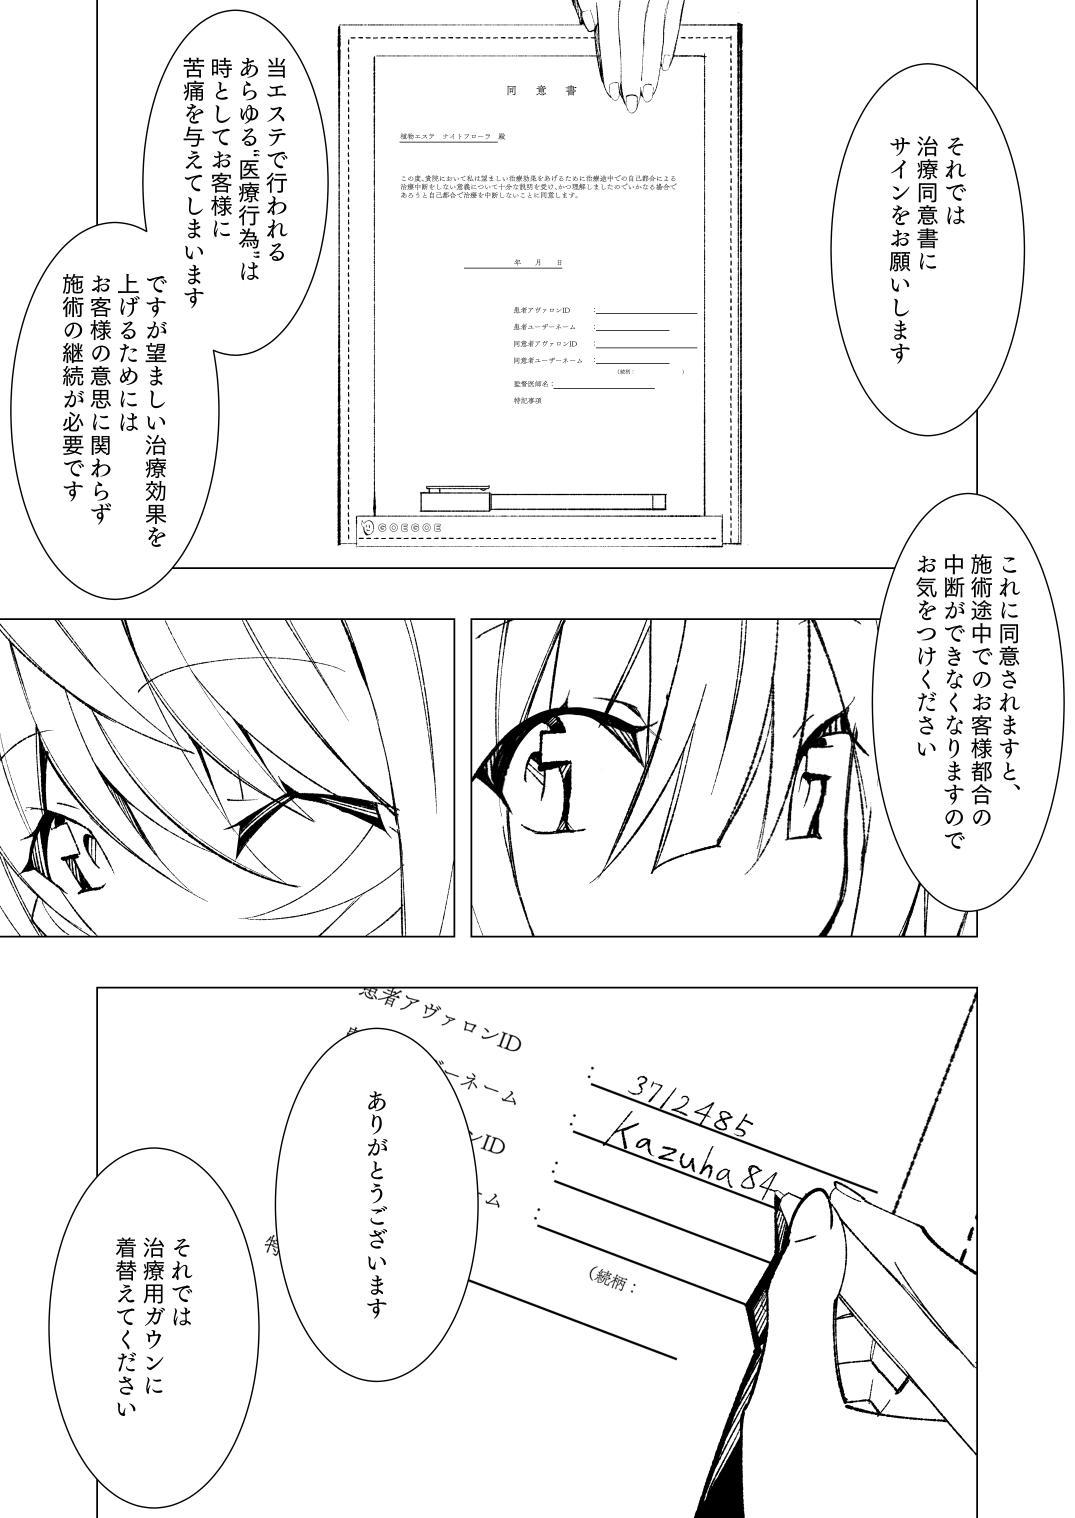 Ishu kan fūzoku-gai3 shokubutsu shokushu × rori 10